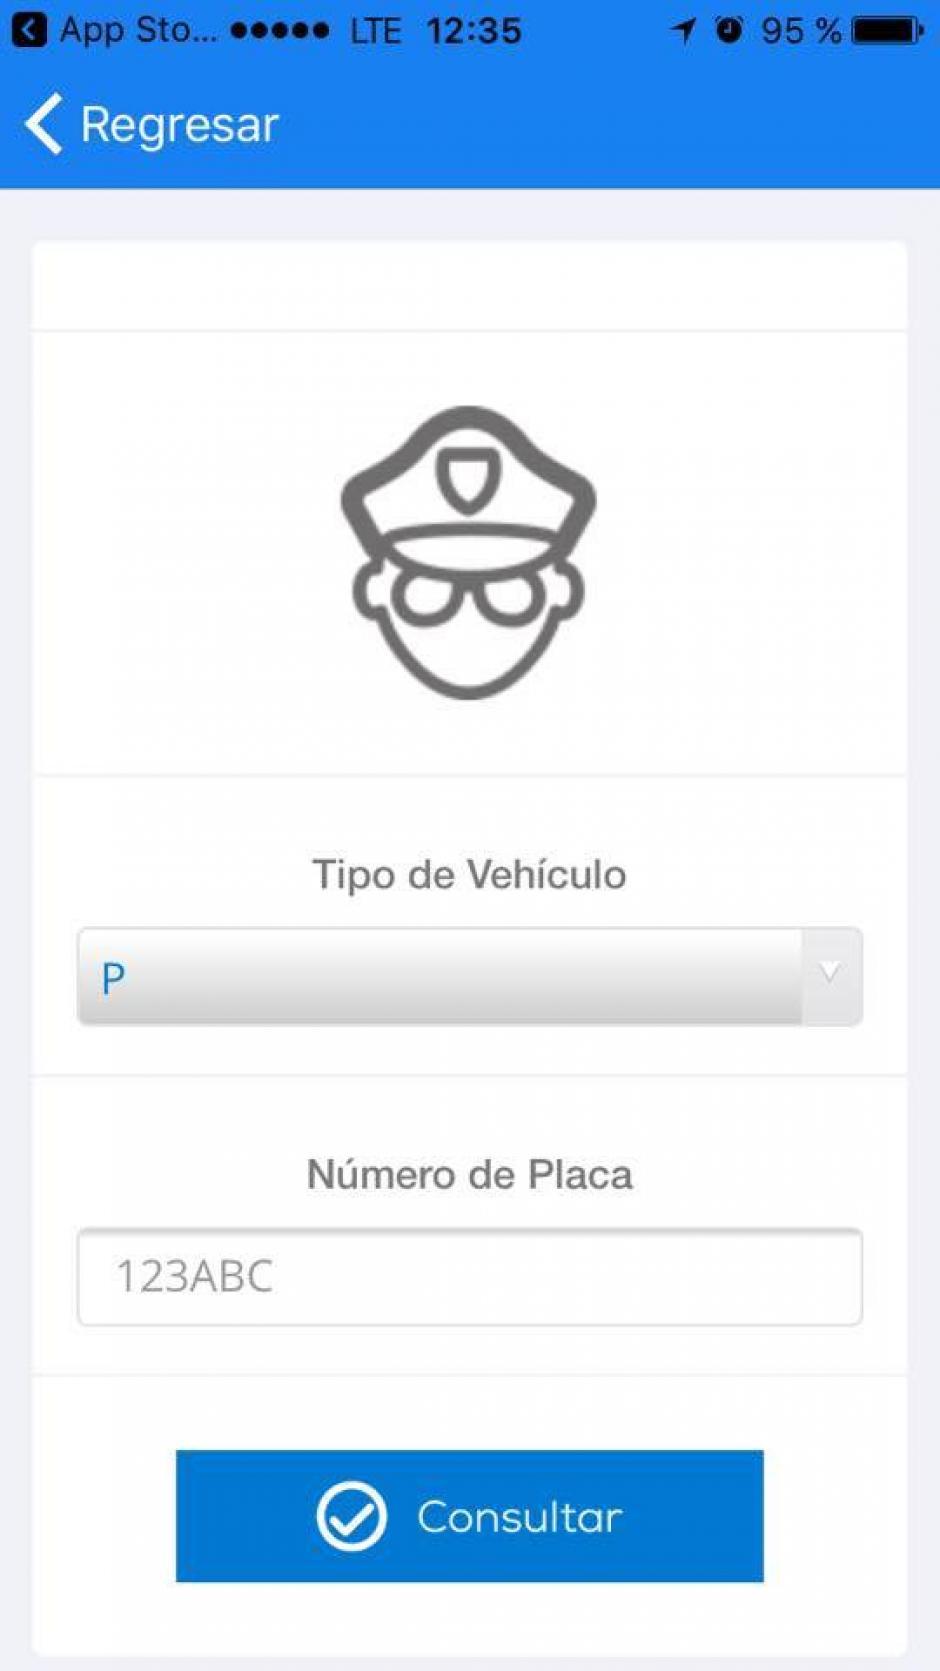 También puedes hacer consultas sobre multas de tránsito. (Imagen: captura de pantalla)